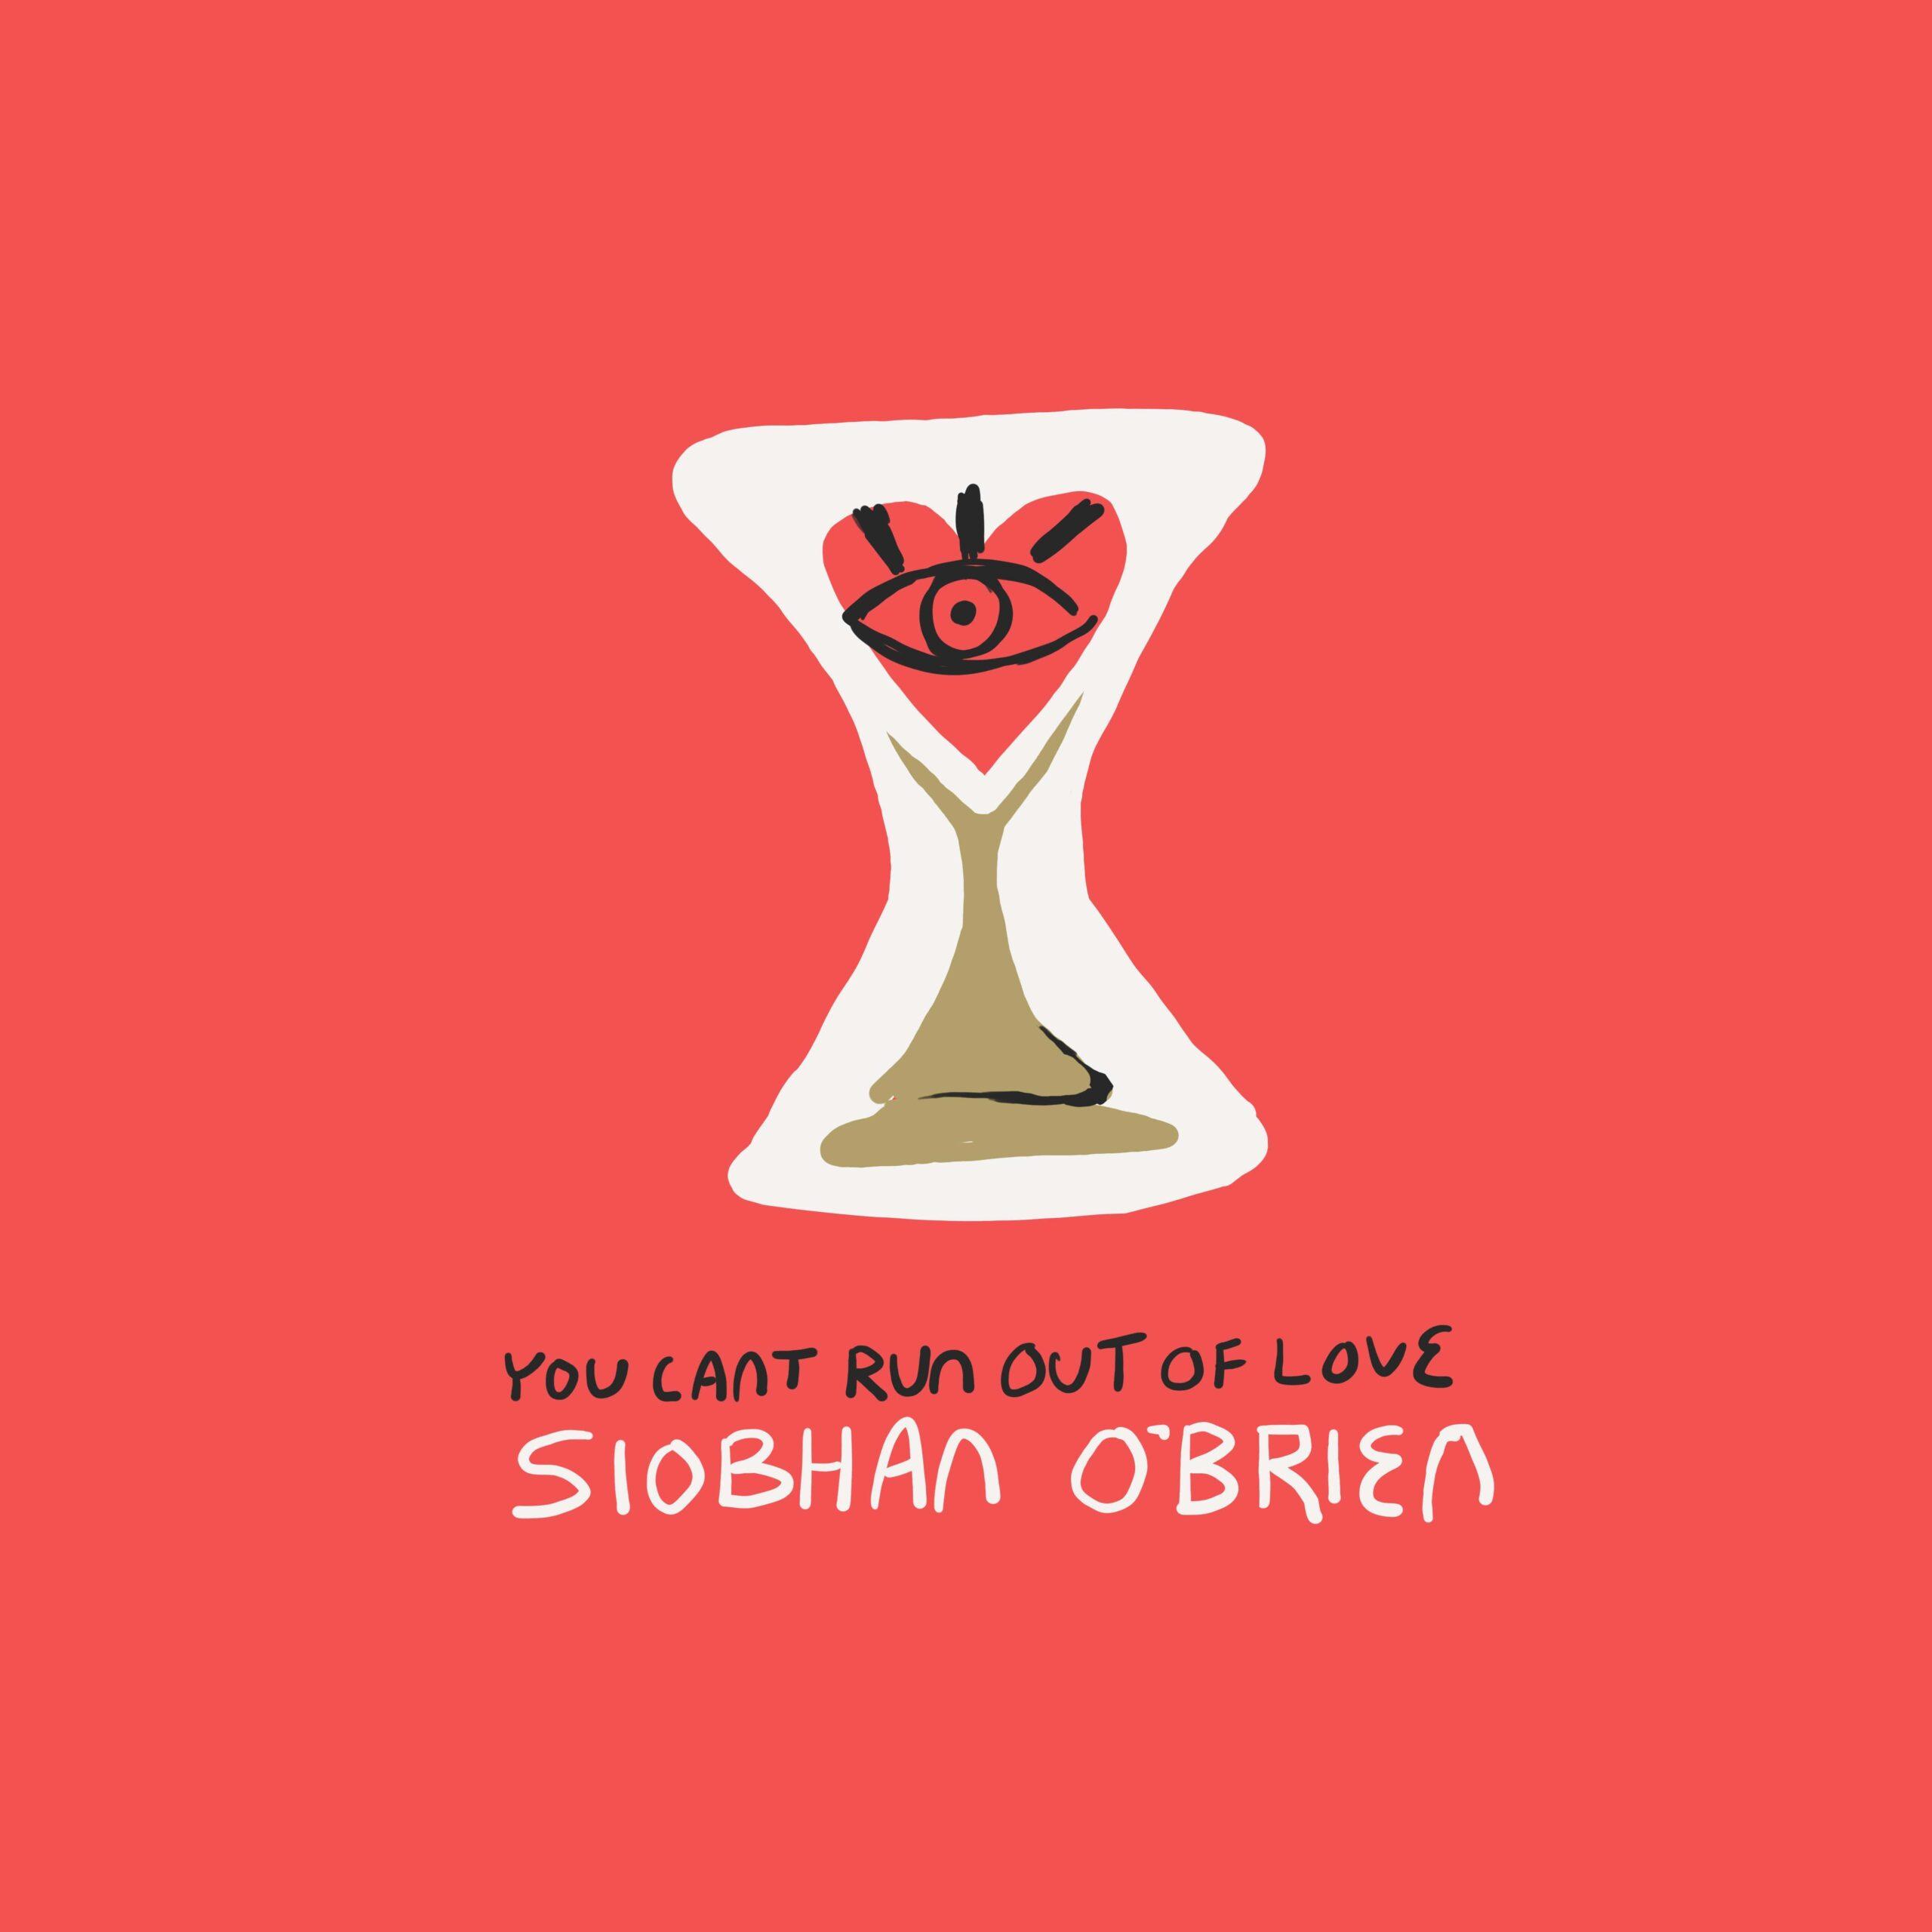 Siobhan O Brien